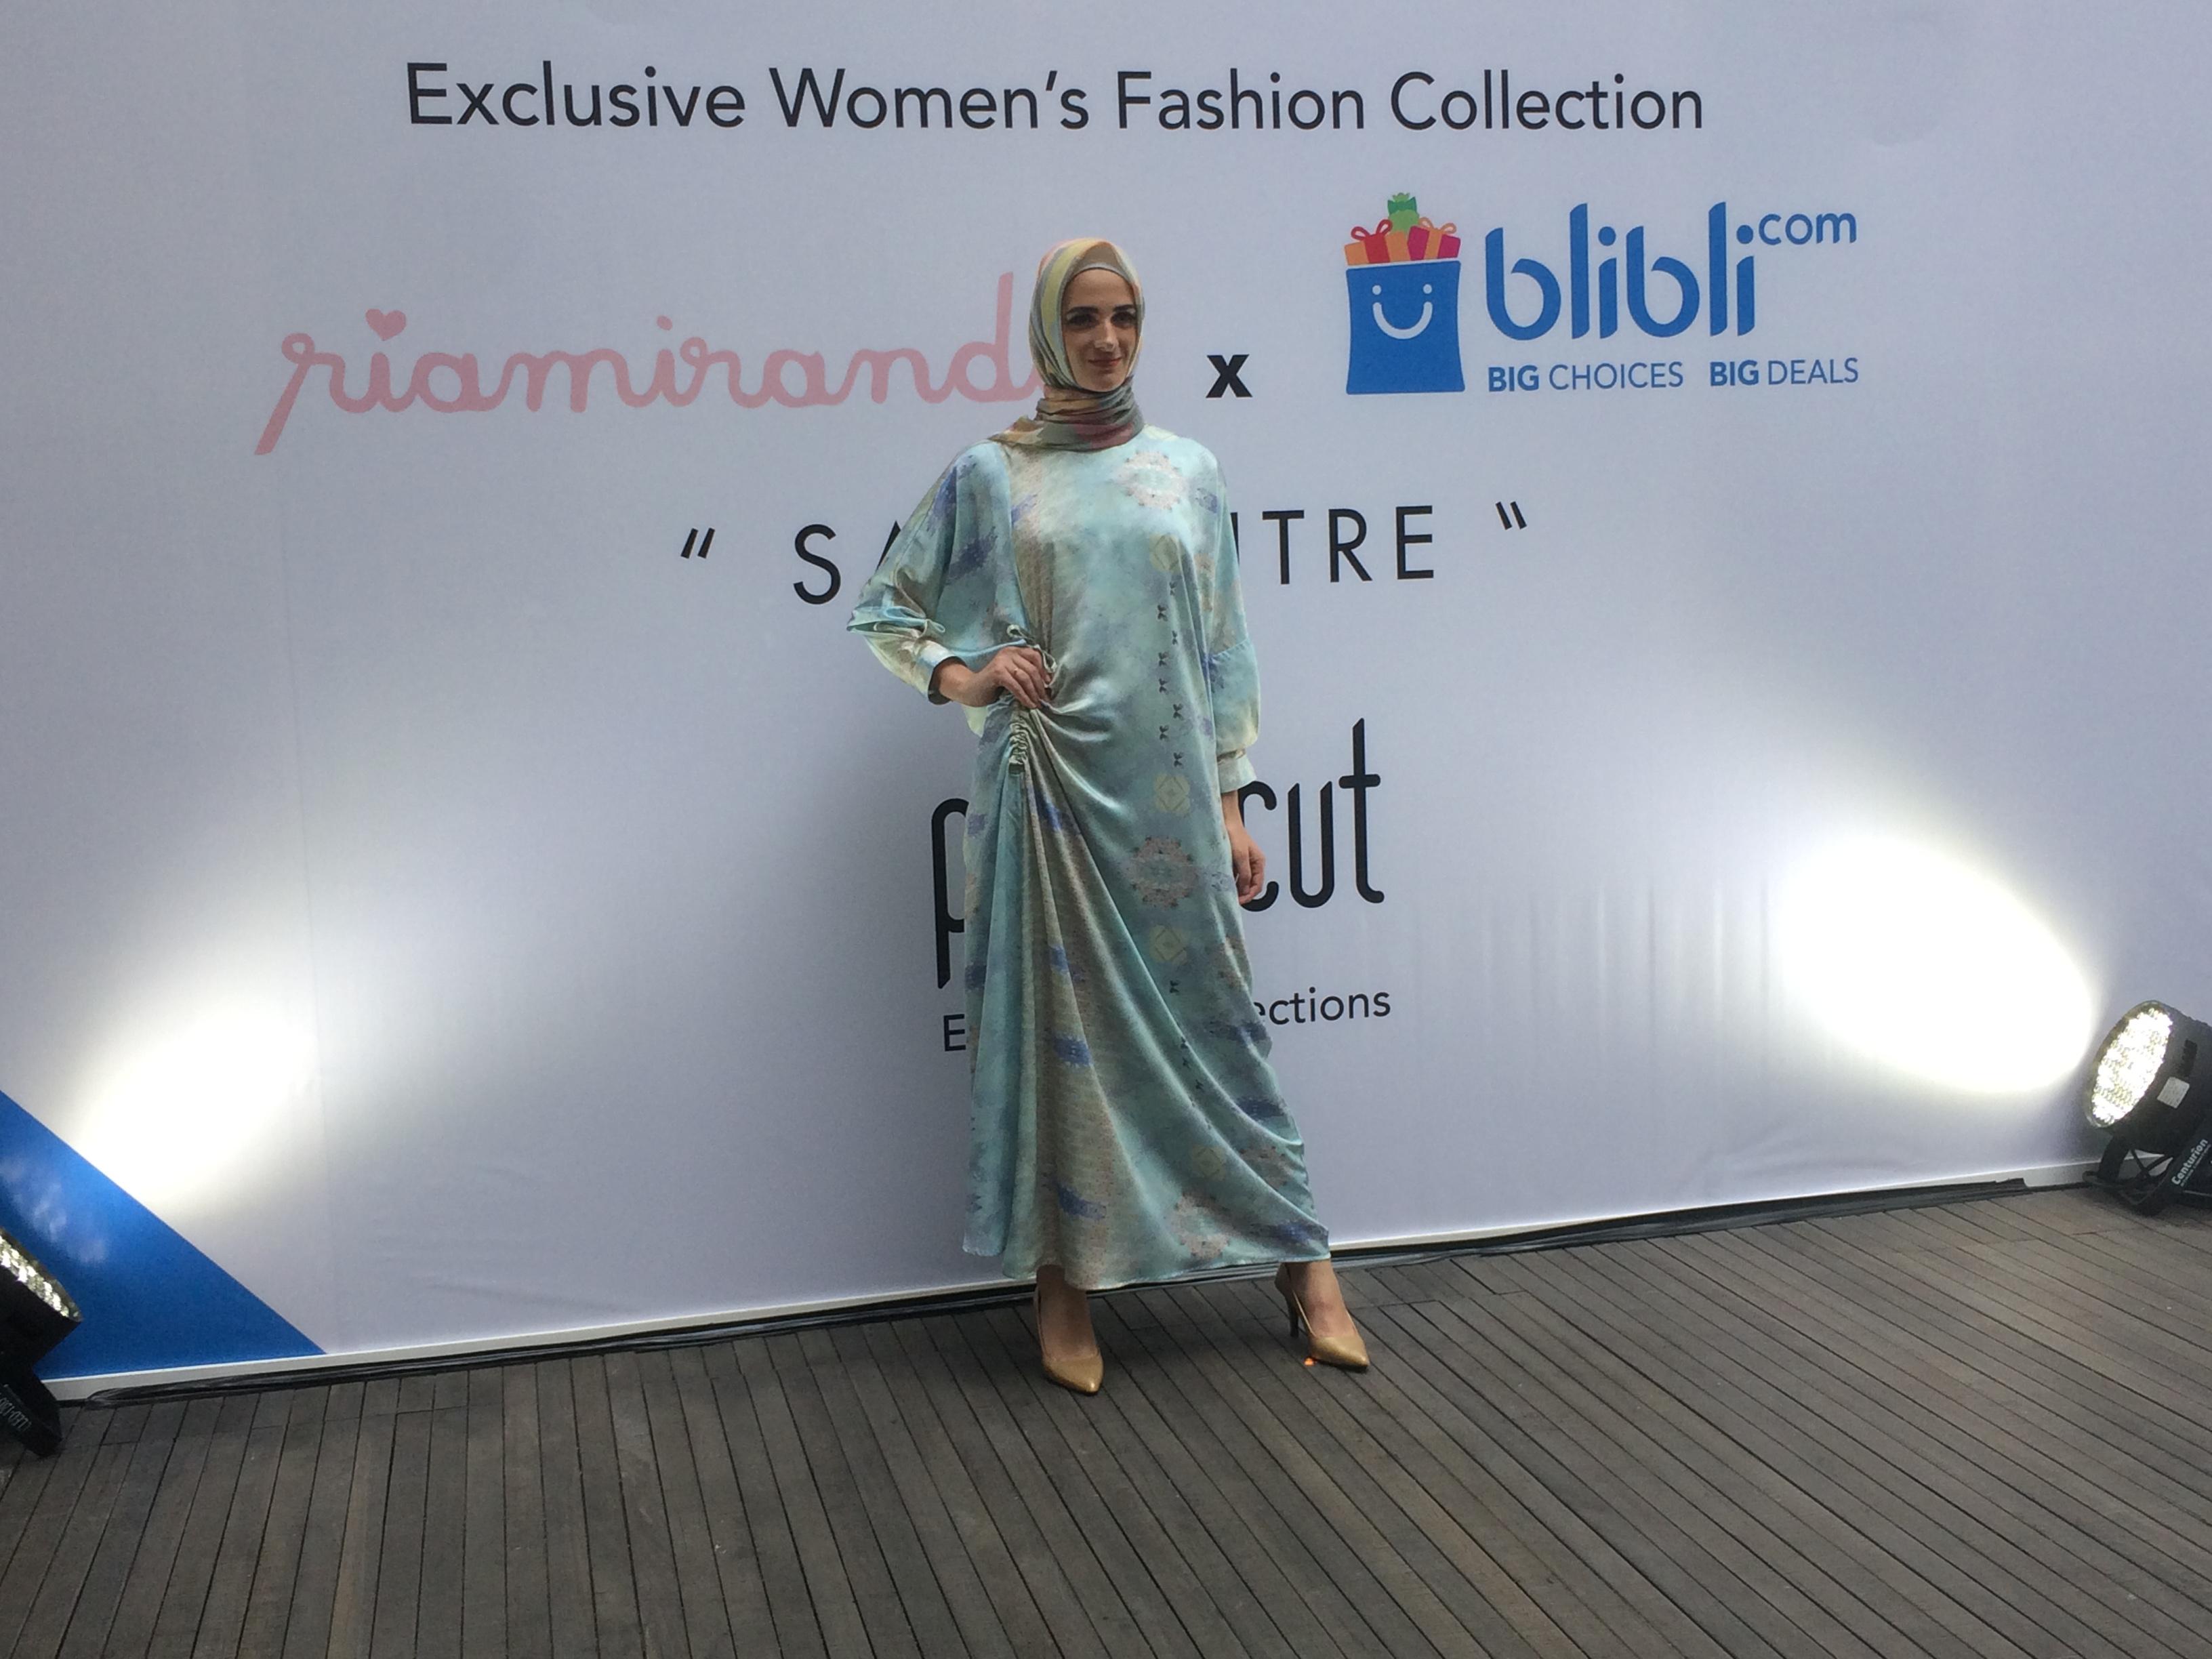 Ini koleksi fashion Ria Miranda untuk sambut Ramadan, temanya unik lho